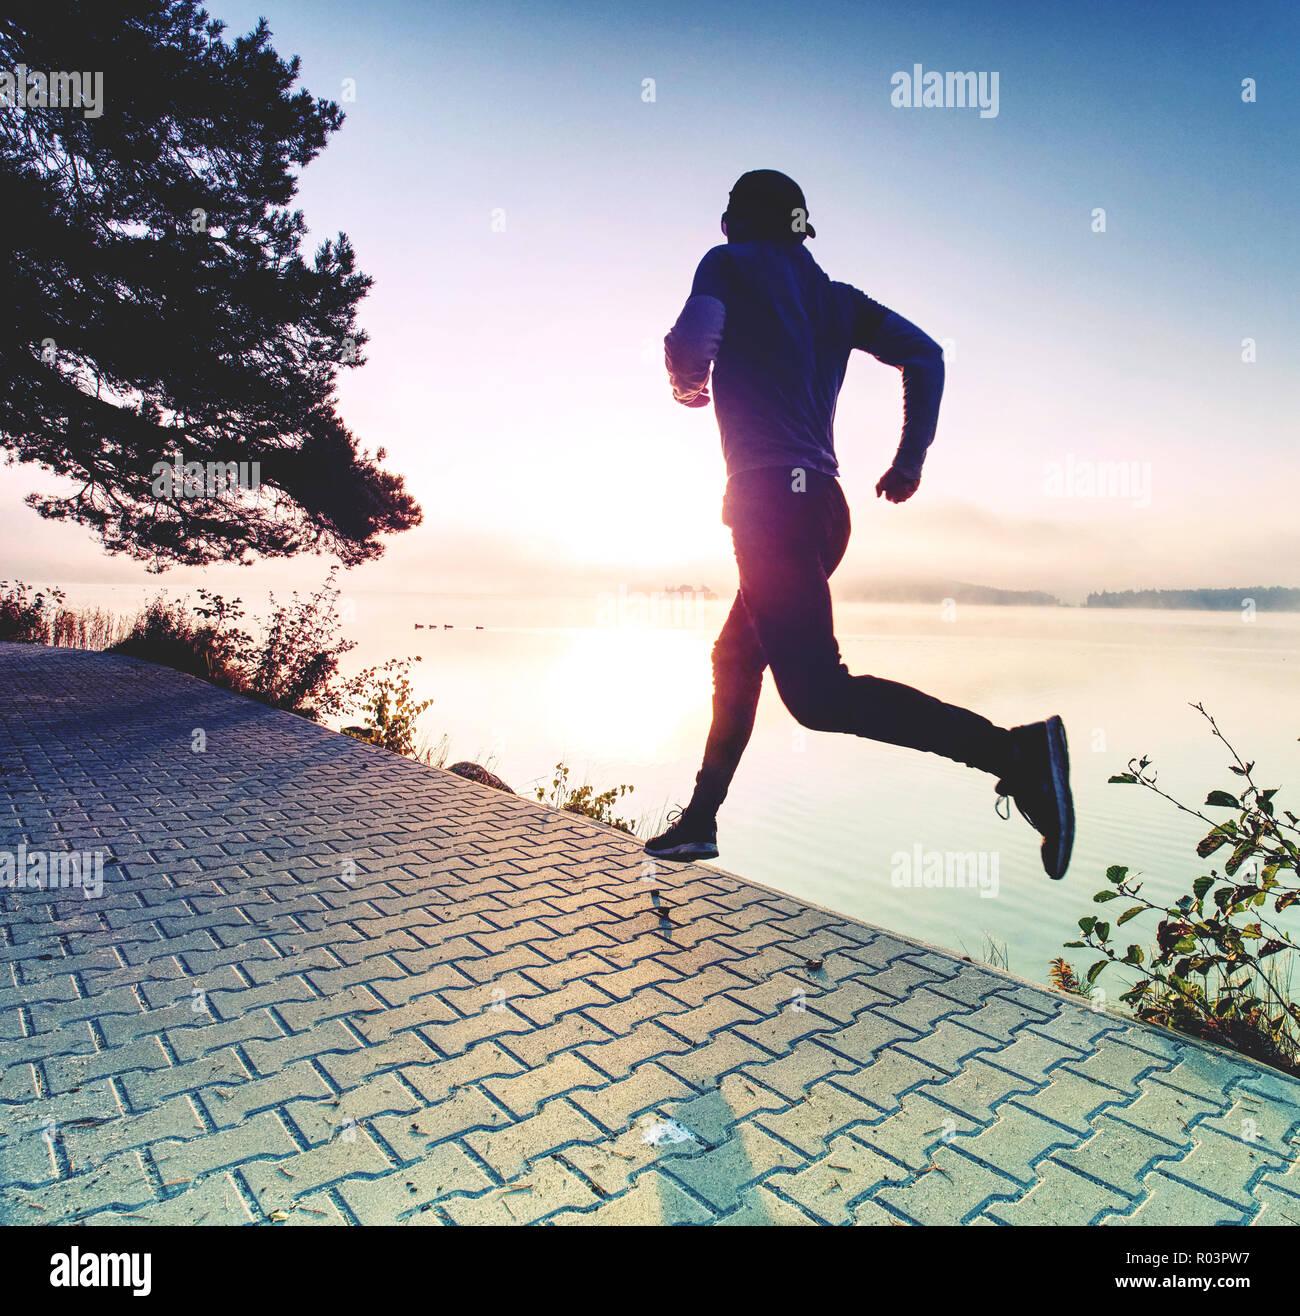 Uomo che corre sulla riva del lago marciapiede durante l'alba o al tramonto - uno stile di vita sano concetto Immagini Stock